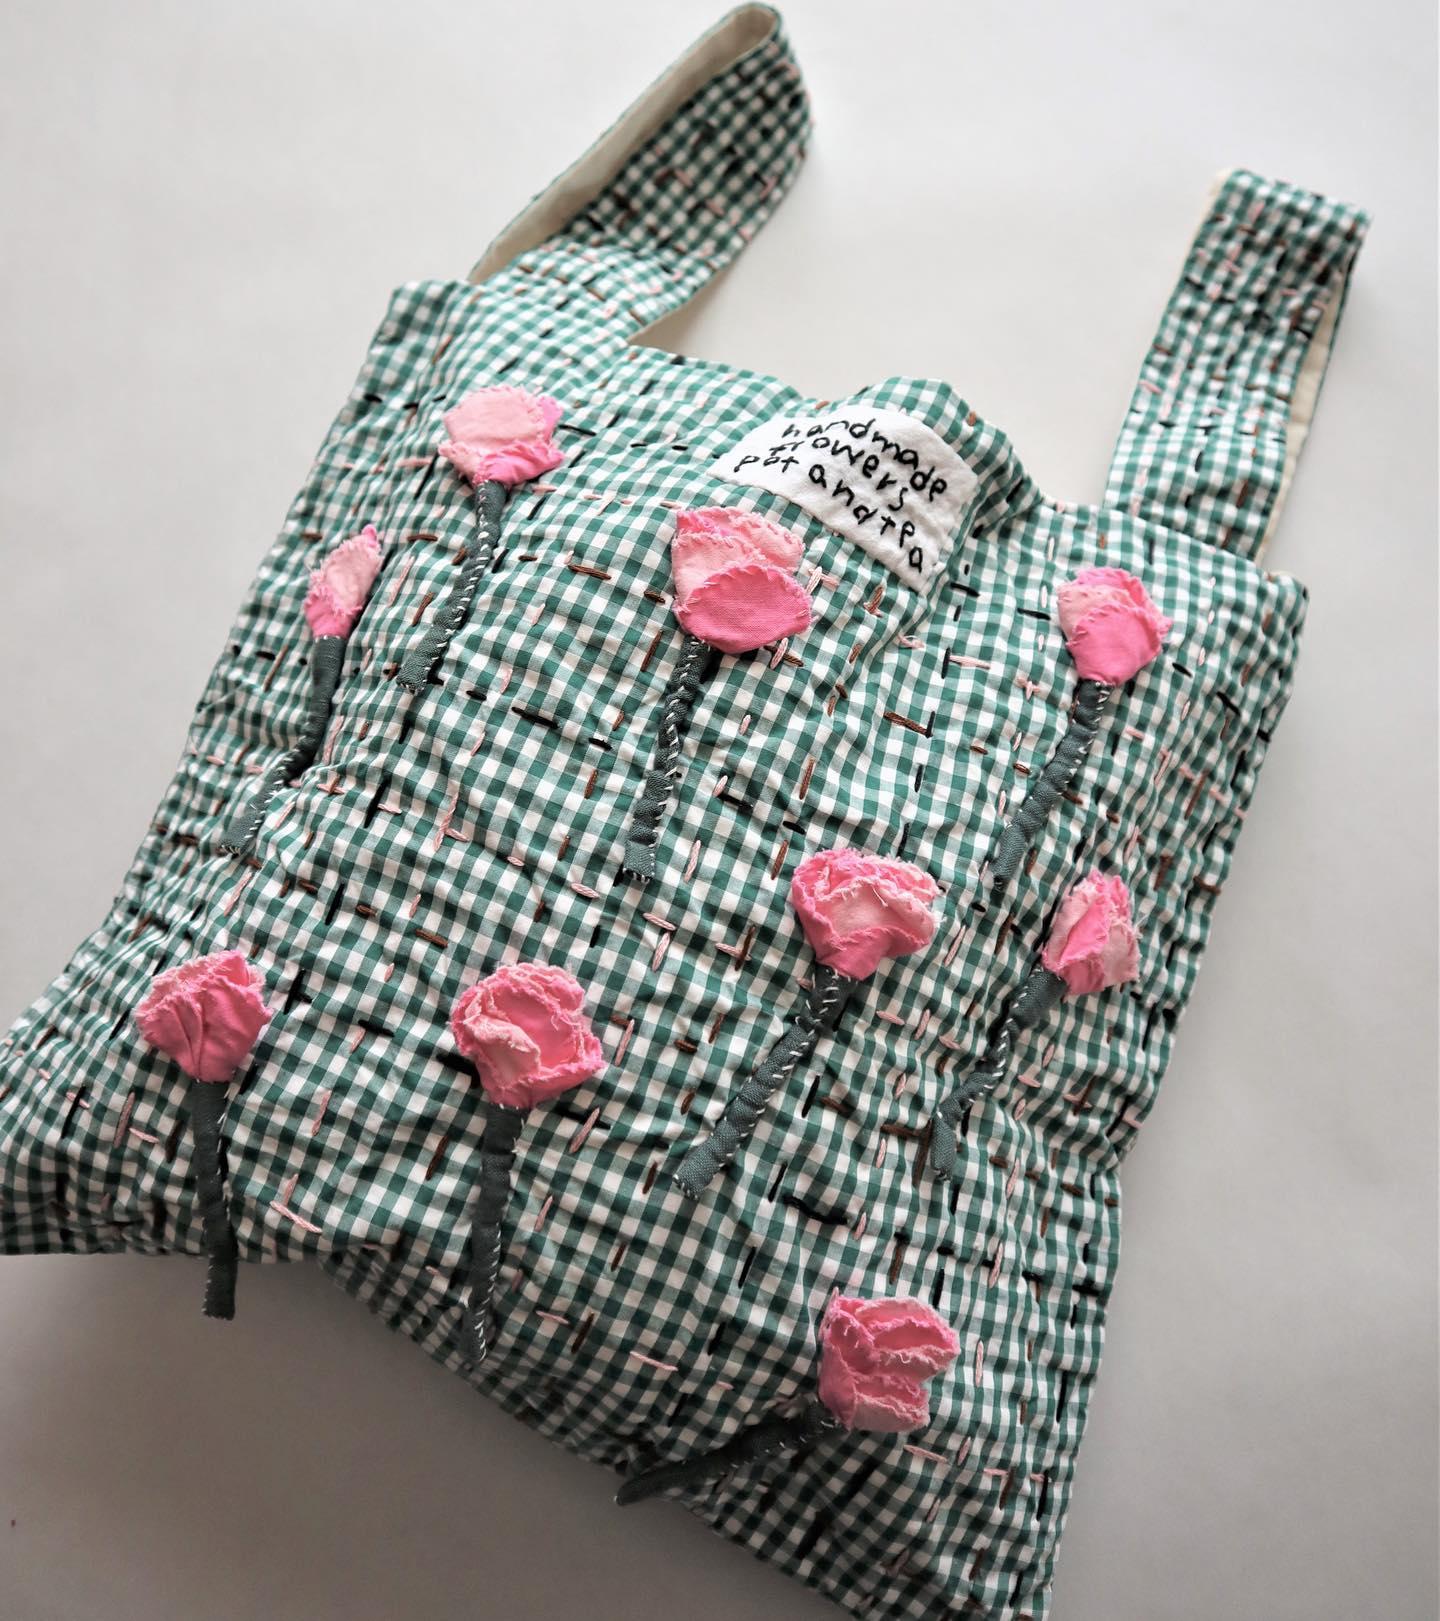 ・こんにちは!・楽しみな展示のお知らせです・pot and tea展 ・@potteapot ・会期 6月10日〜20日(会期中、水曜日は定休日です)場所 KIKONO店内時間 11:00〜16:30・今季の新作から定番で人気のアイテムや、初夏にぴったりのTシャツなどもご用意くださいます・・私達もpotさんのかわいいお品々を皆様と一緒に見られることが楽しみです!・是非お待ちしています・・#potandtea